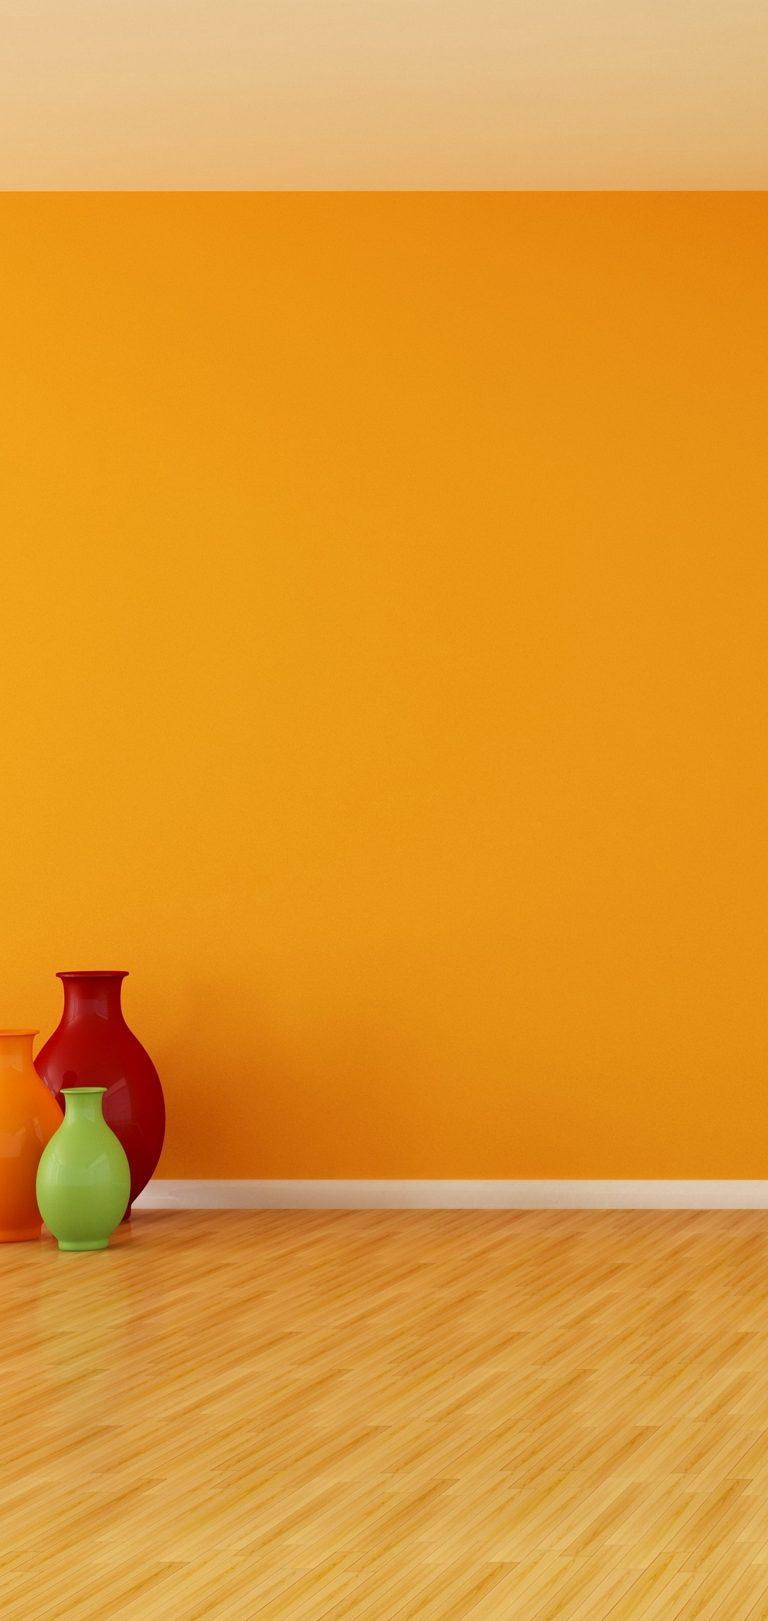 Walls Design Room Pot Wallpaper 1440x3040 768x1621